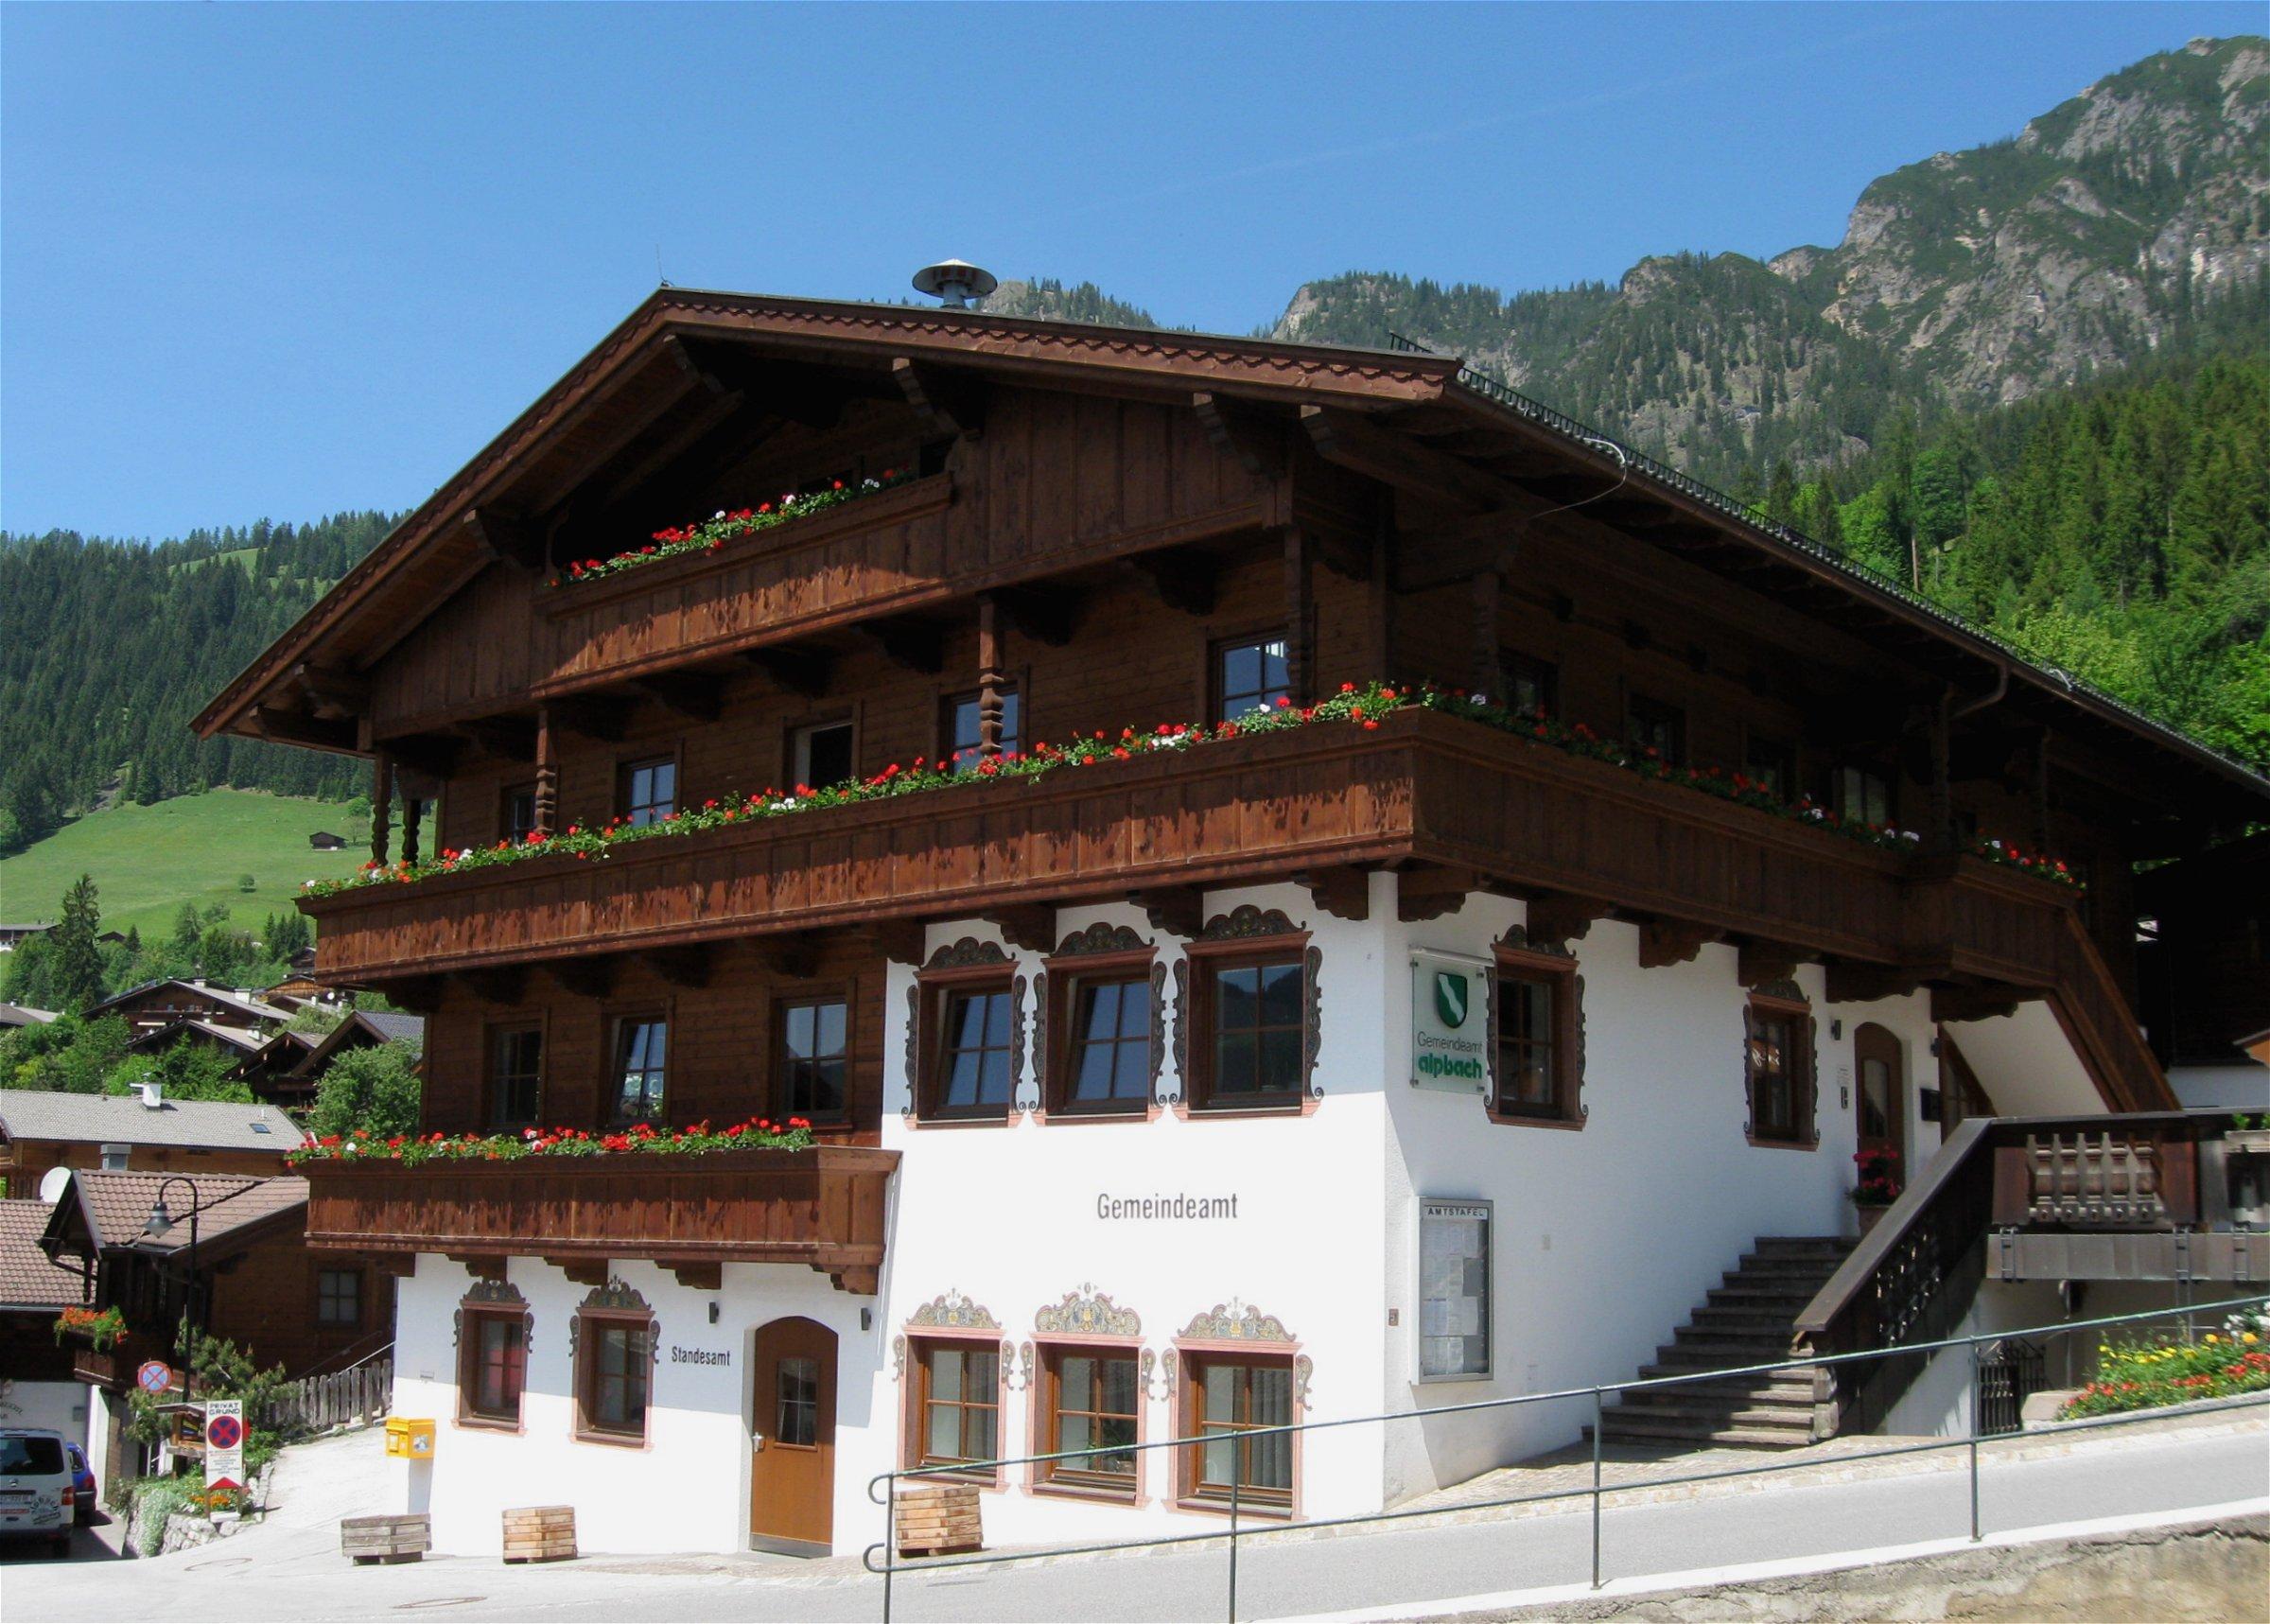 Informatie van A-Z | Alpbachtal